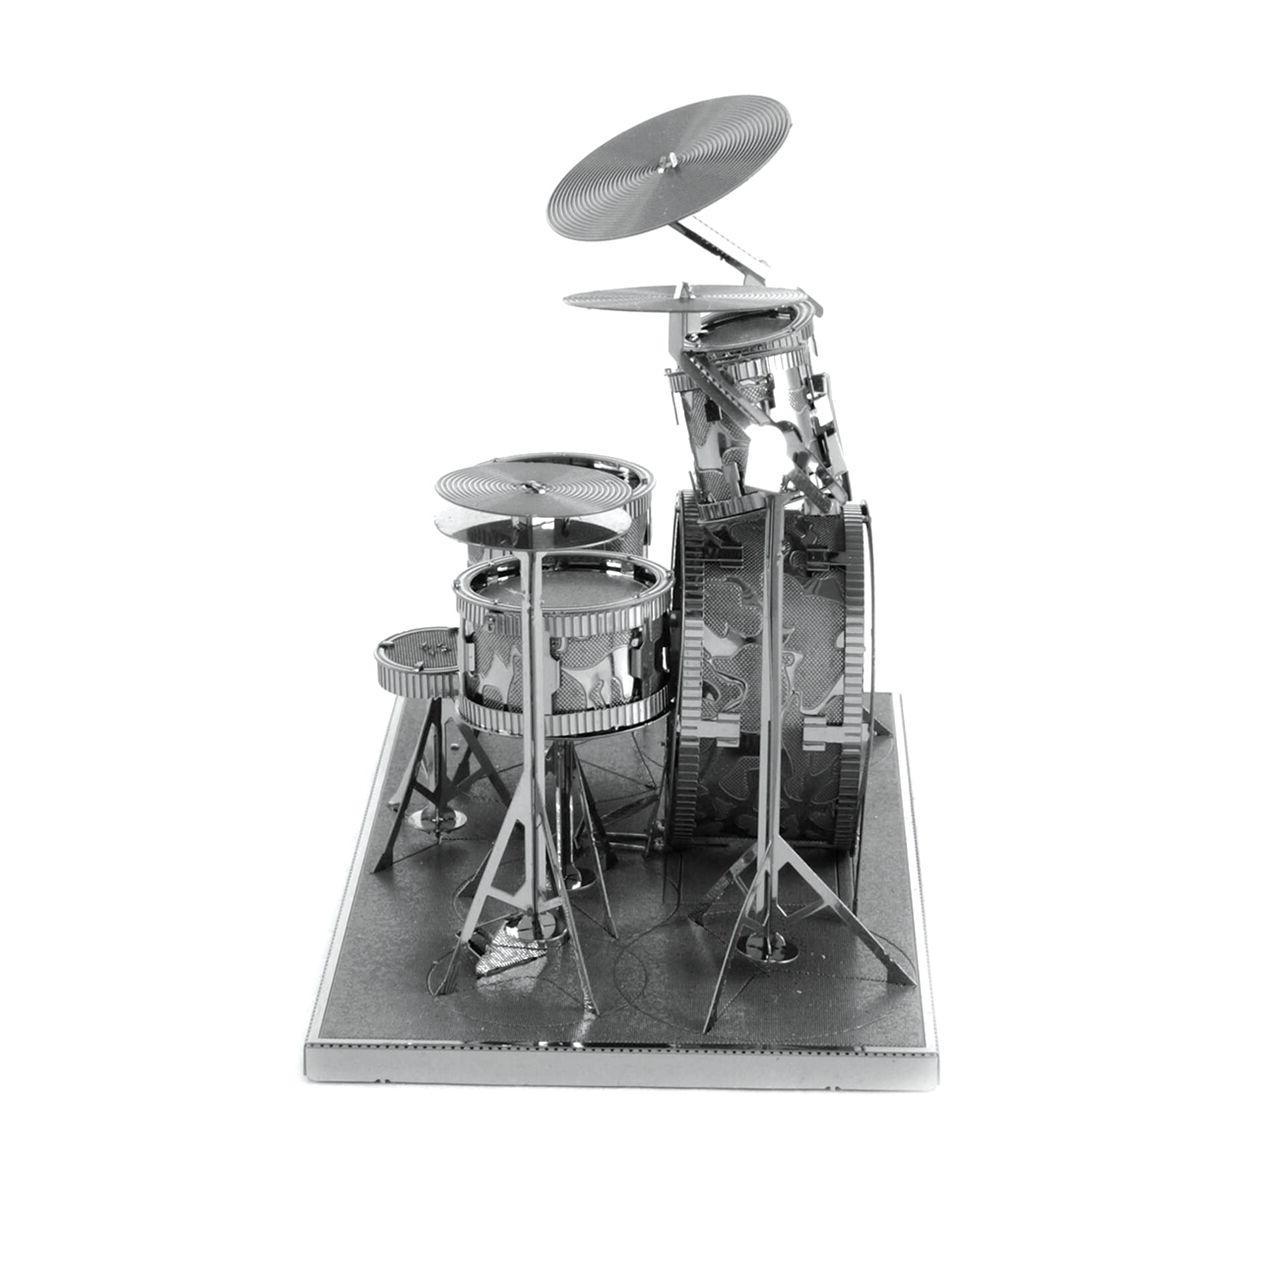 Fascinations Modern Drum Cut Steel Kit